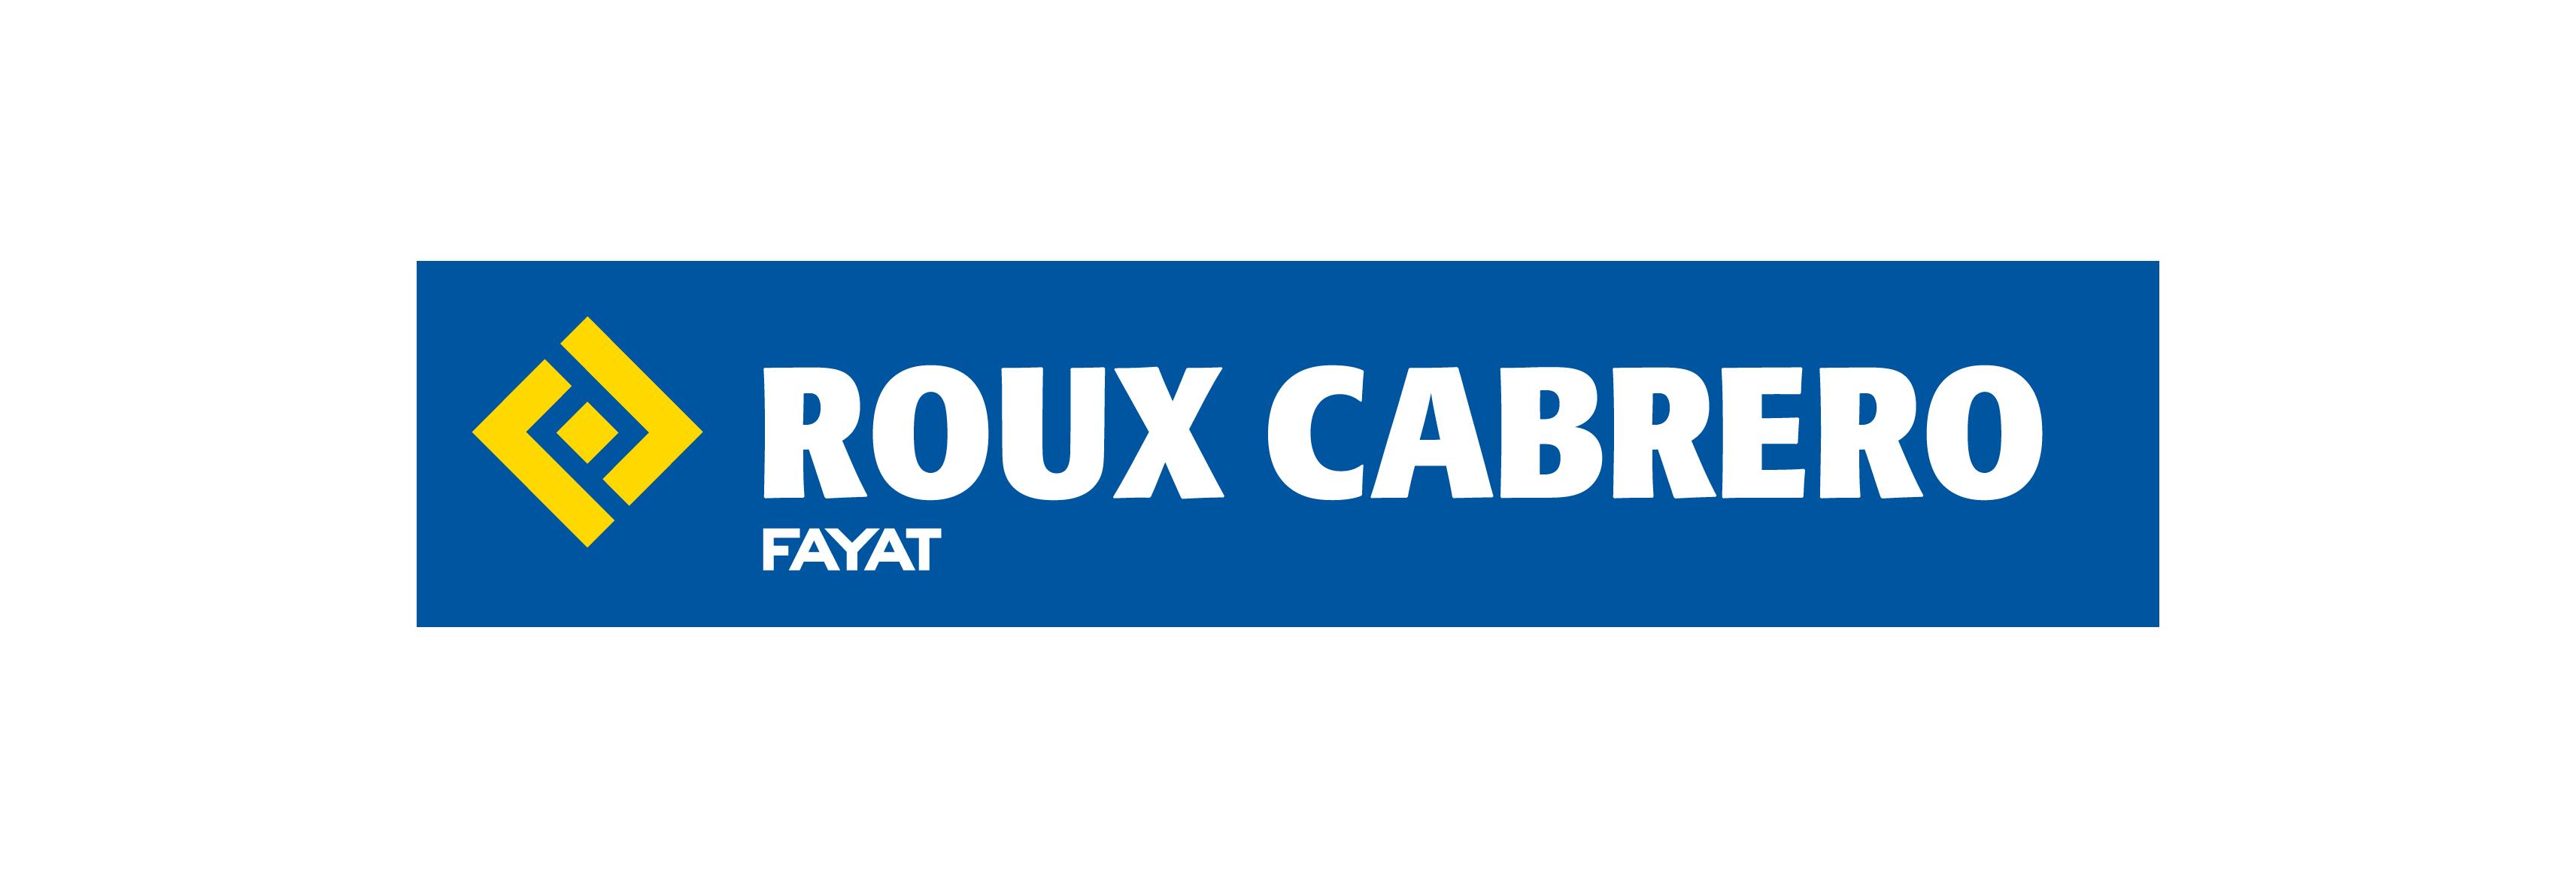 ROUX CABRERO